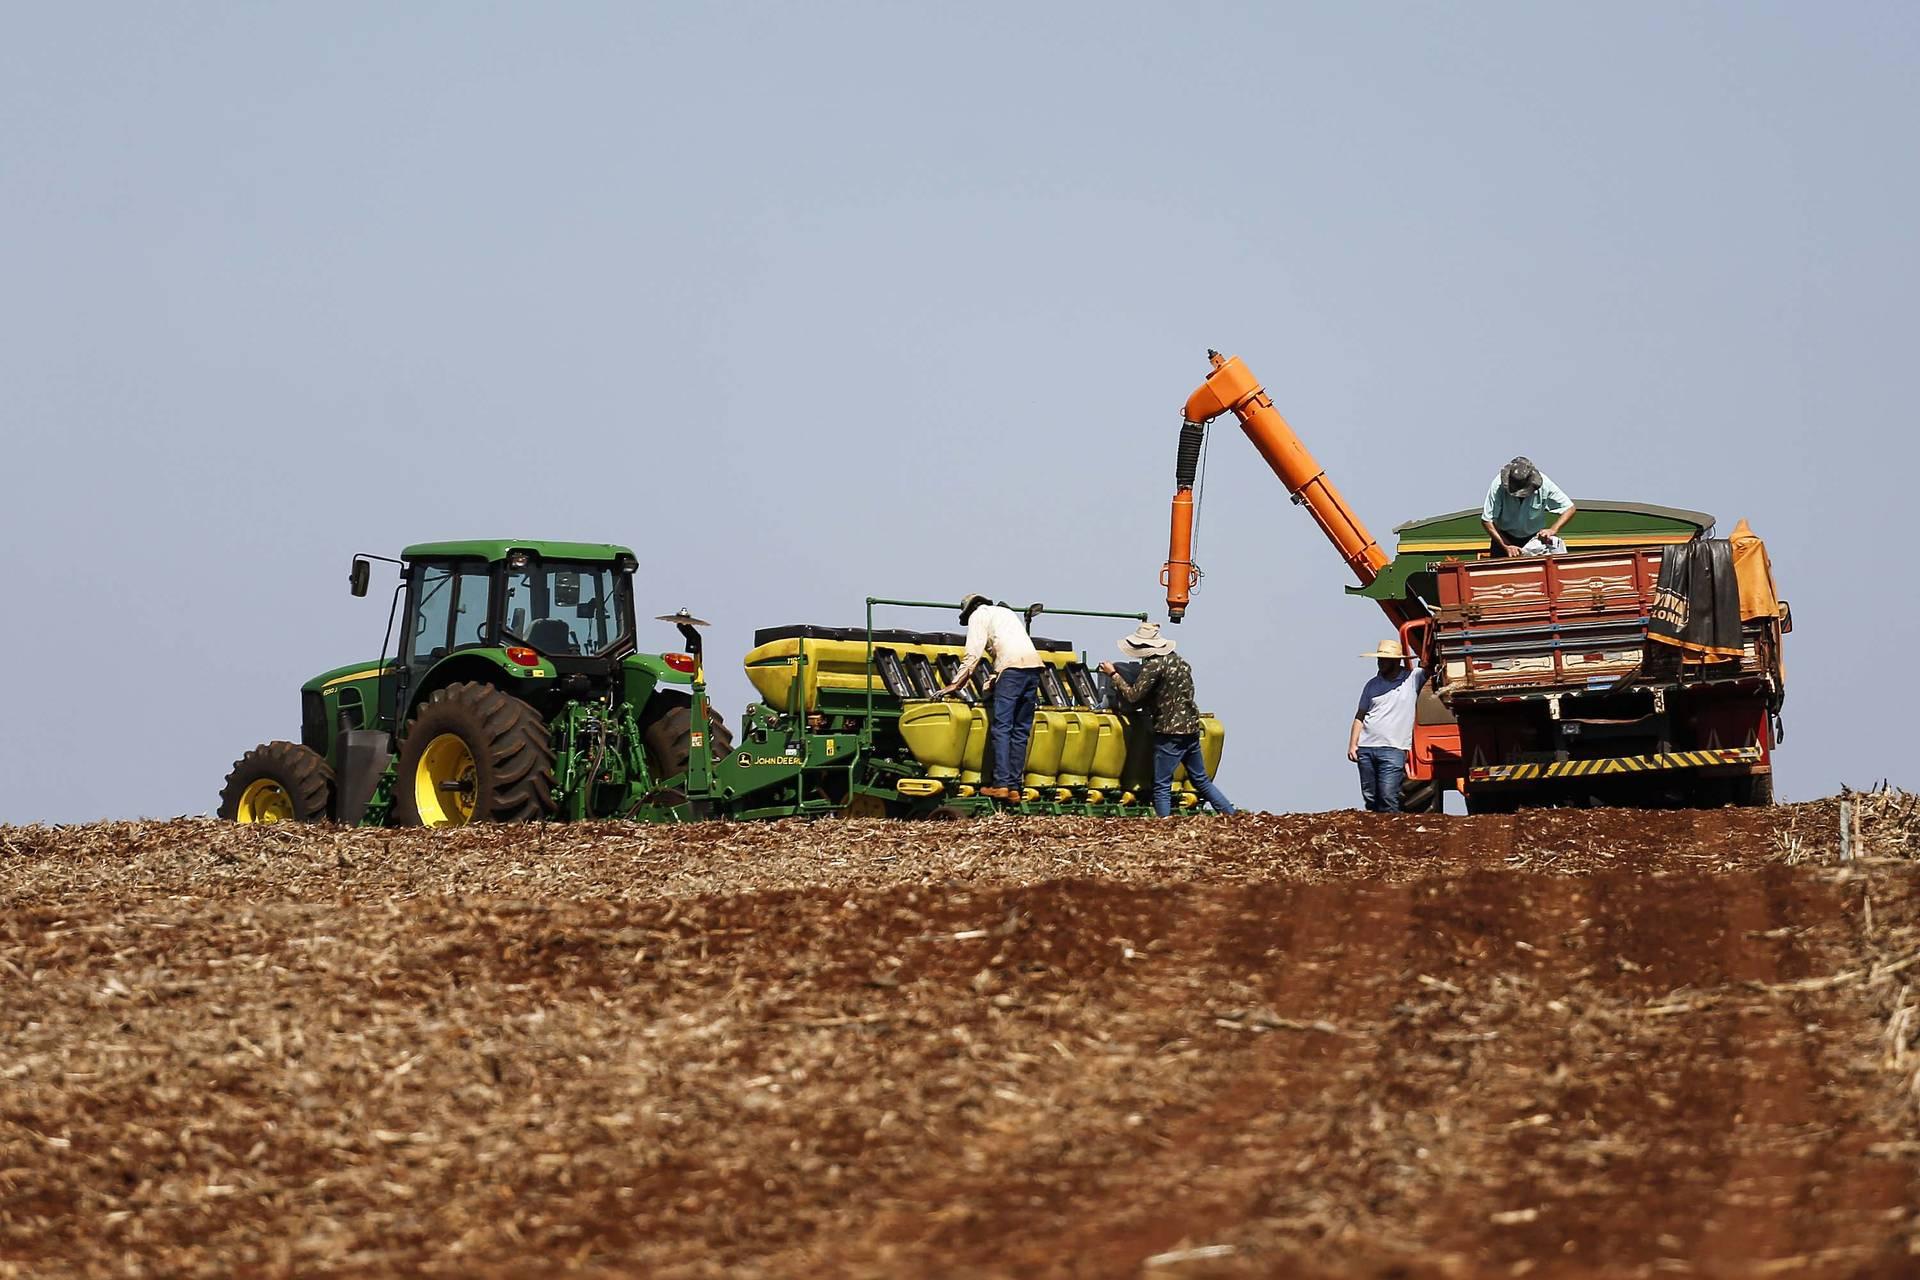 Agropecuária foi base de sustentação da balança comercial